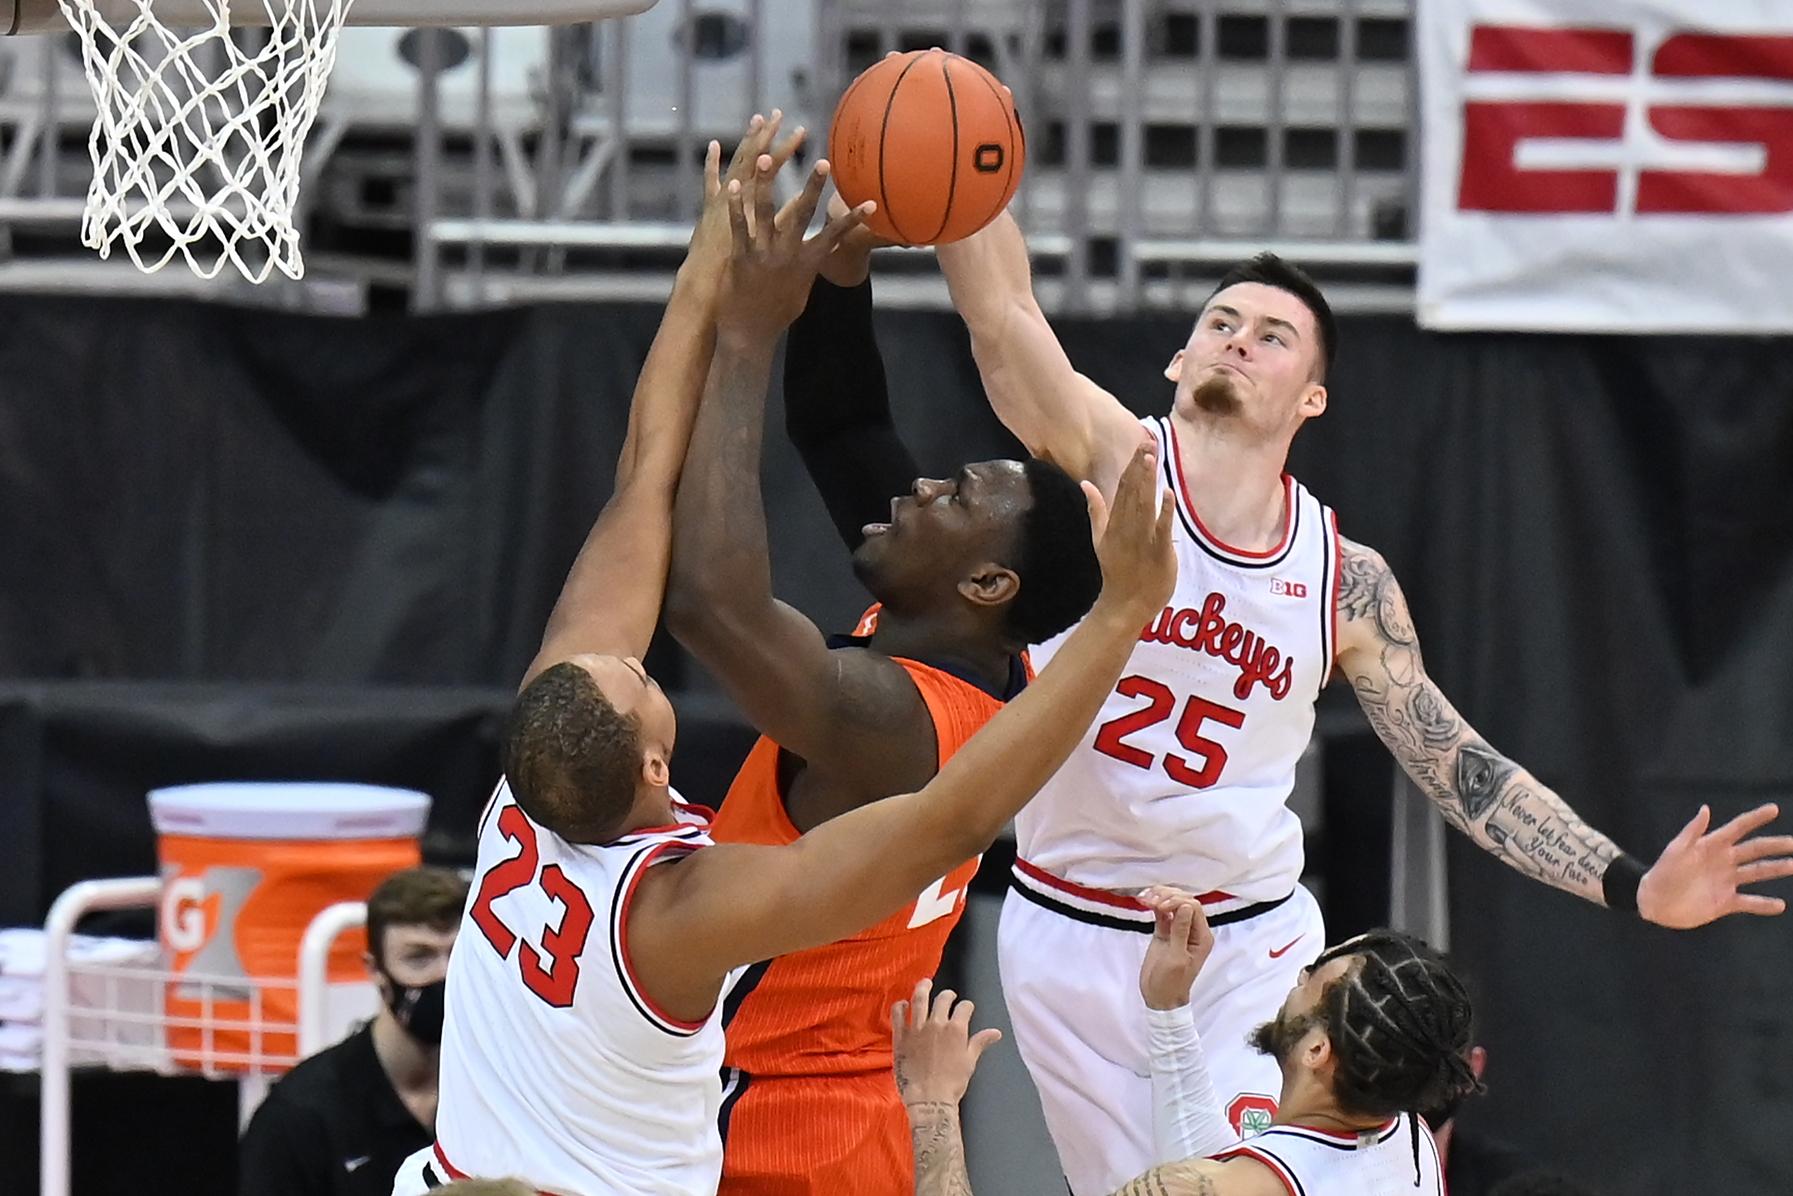 kyle-young-OSU-Buckeyes-Ohio-State-Basketball-Big-Ten-Tournament